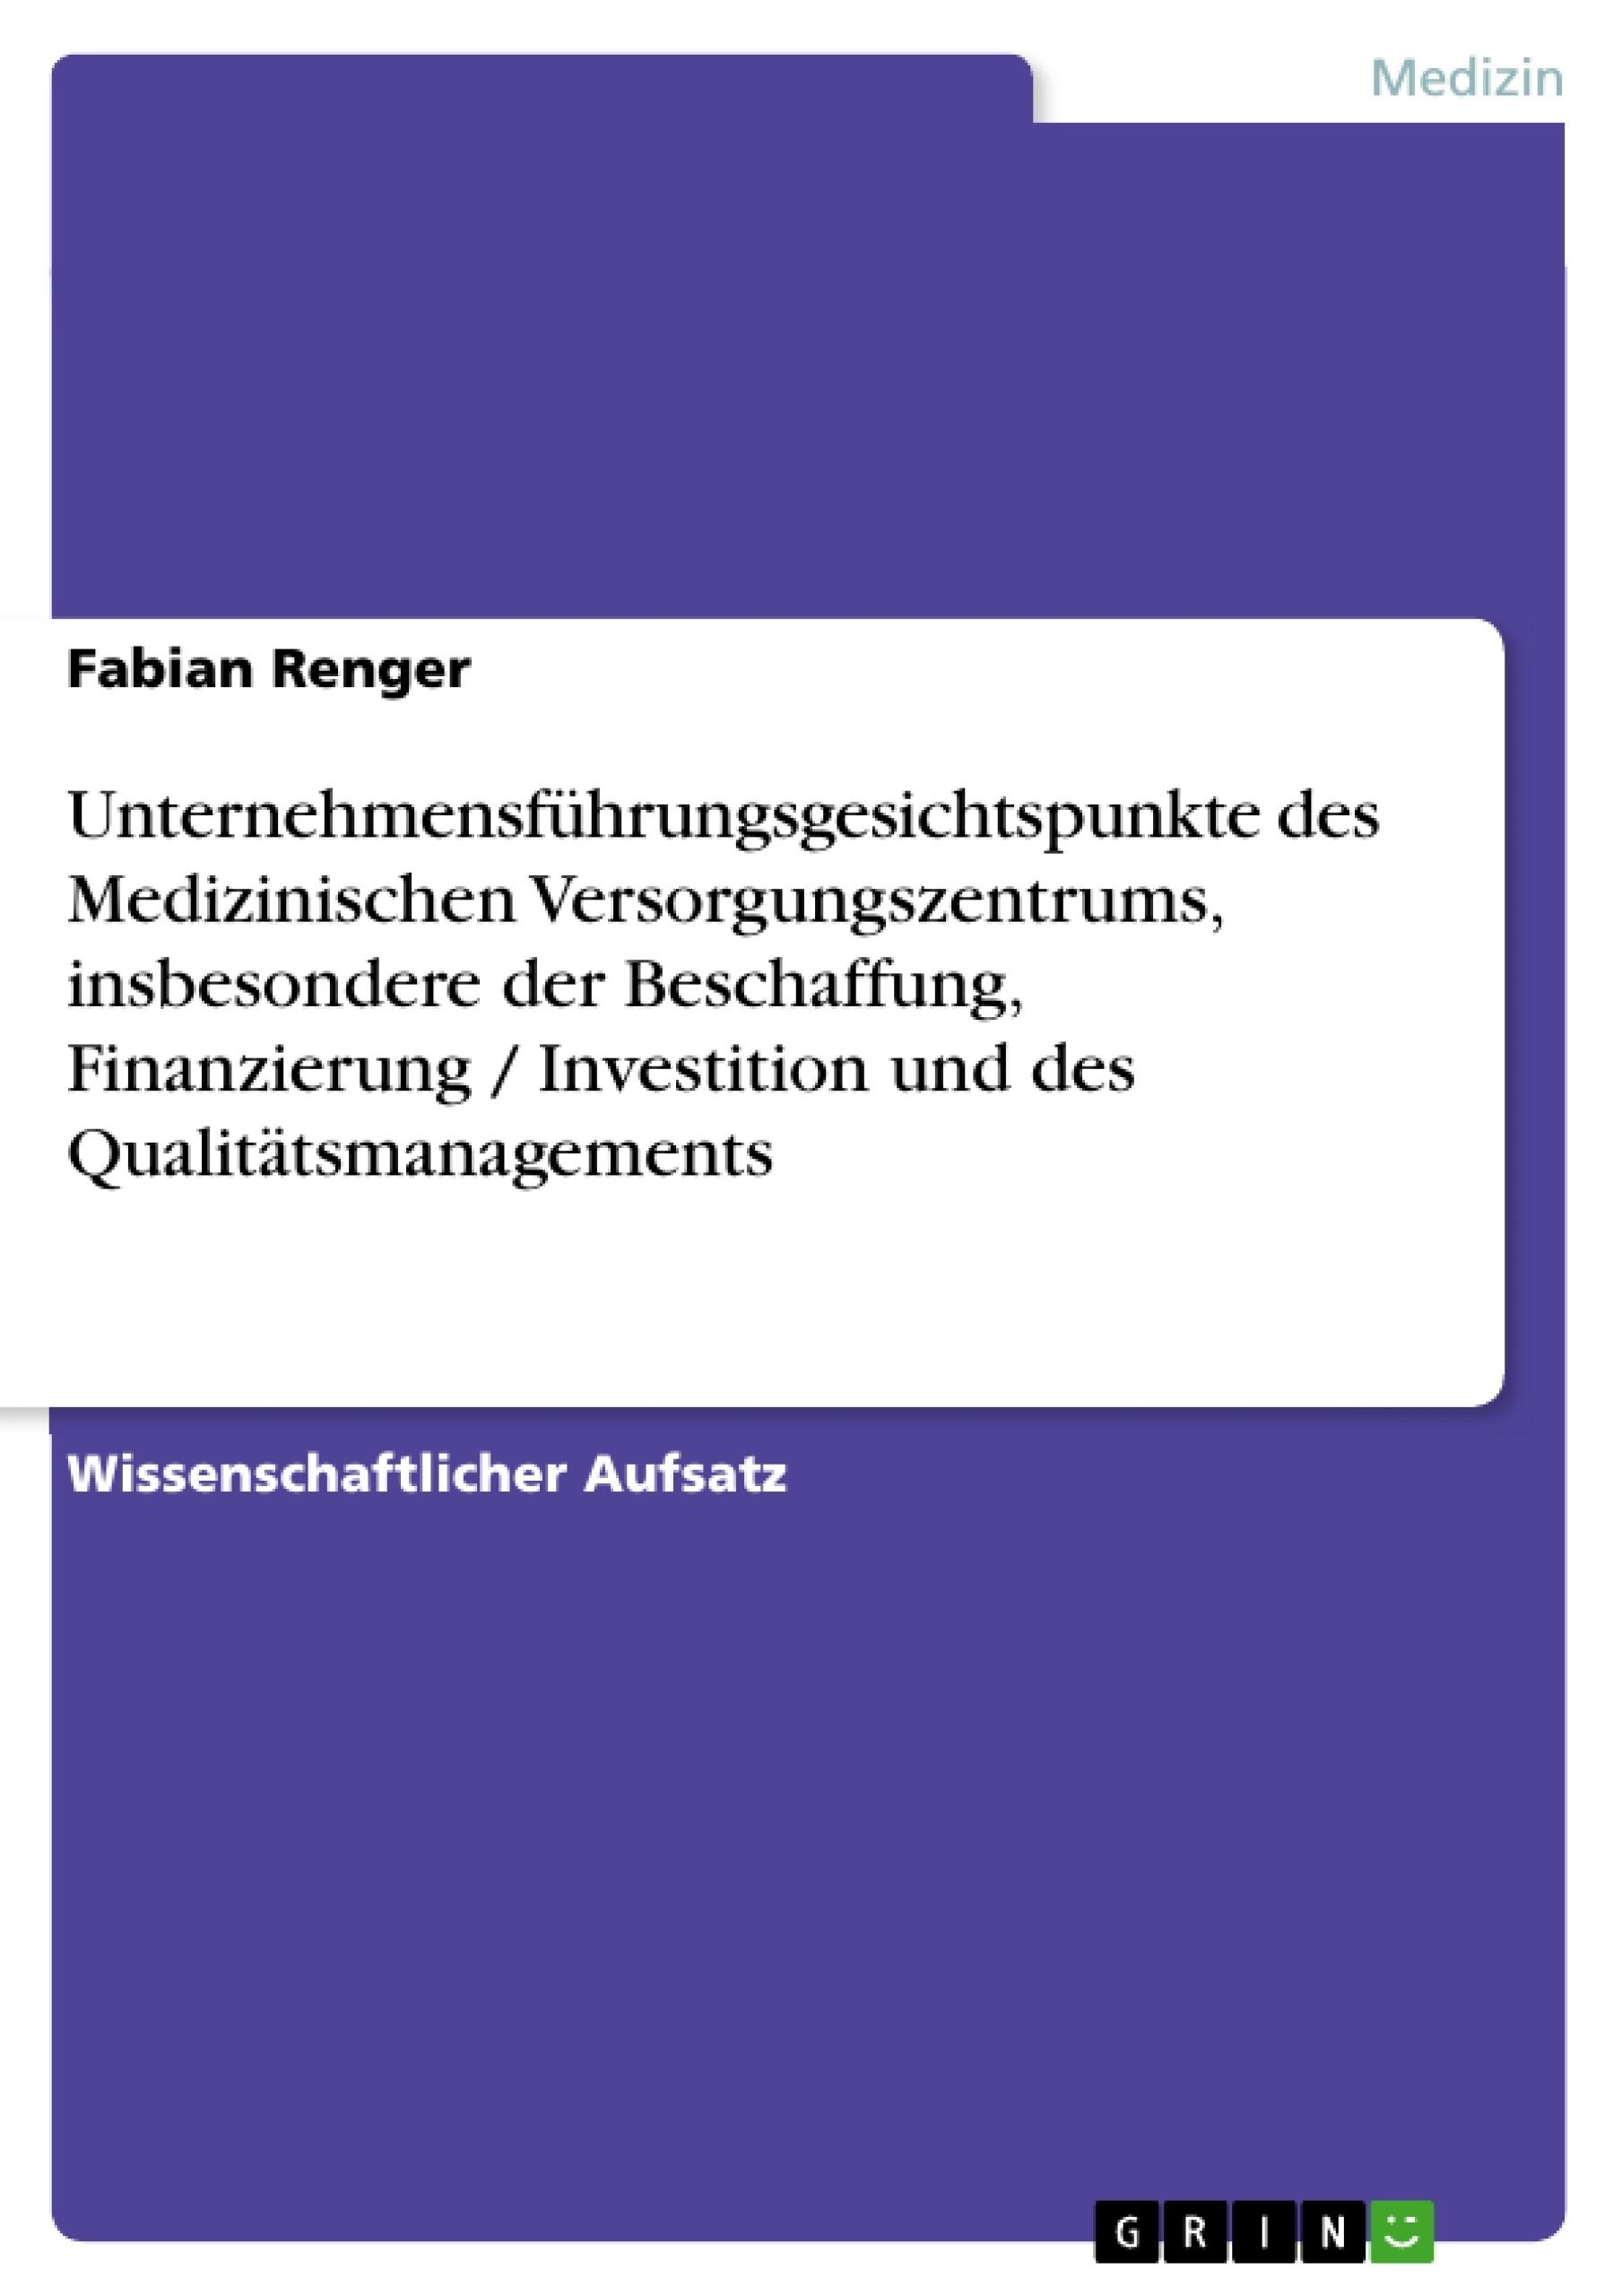 Titel: Unternehmensführungsgesichtspunkte des Medizinischen Versorgungszentrums, insbesondere der Beschaffung,  Finanzierung / Investition und des Qualitätsmanagements